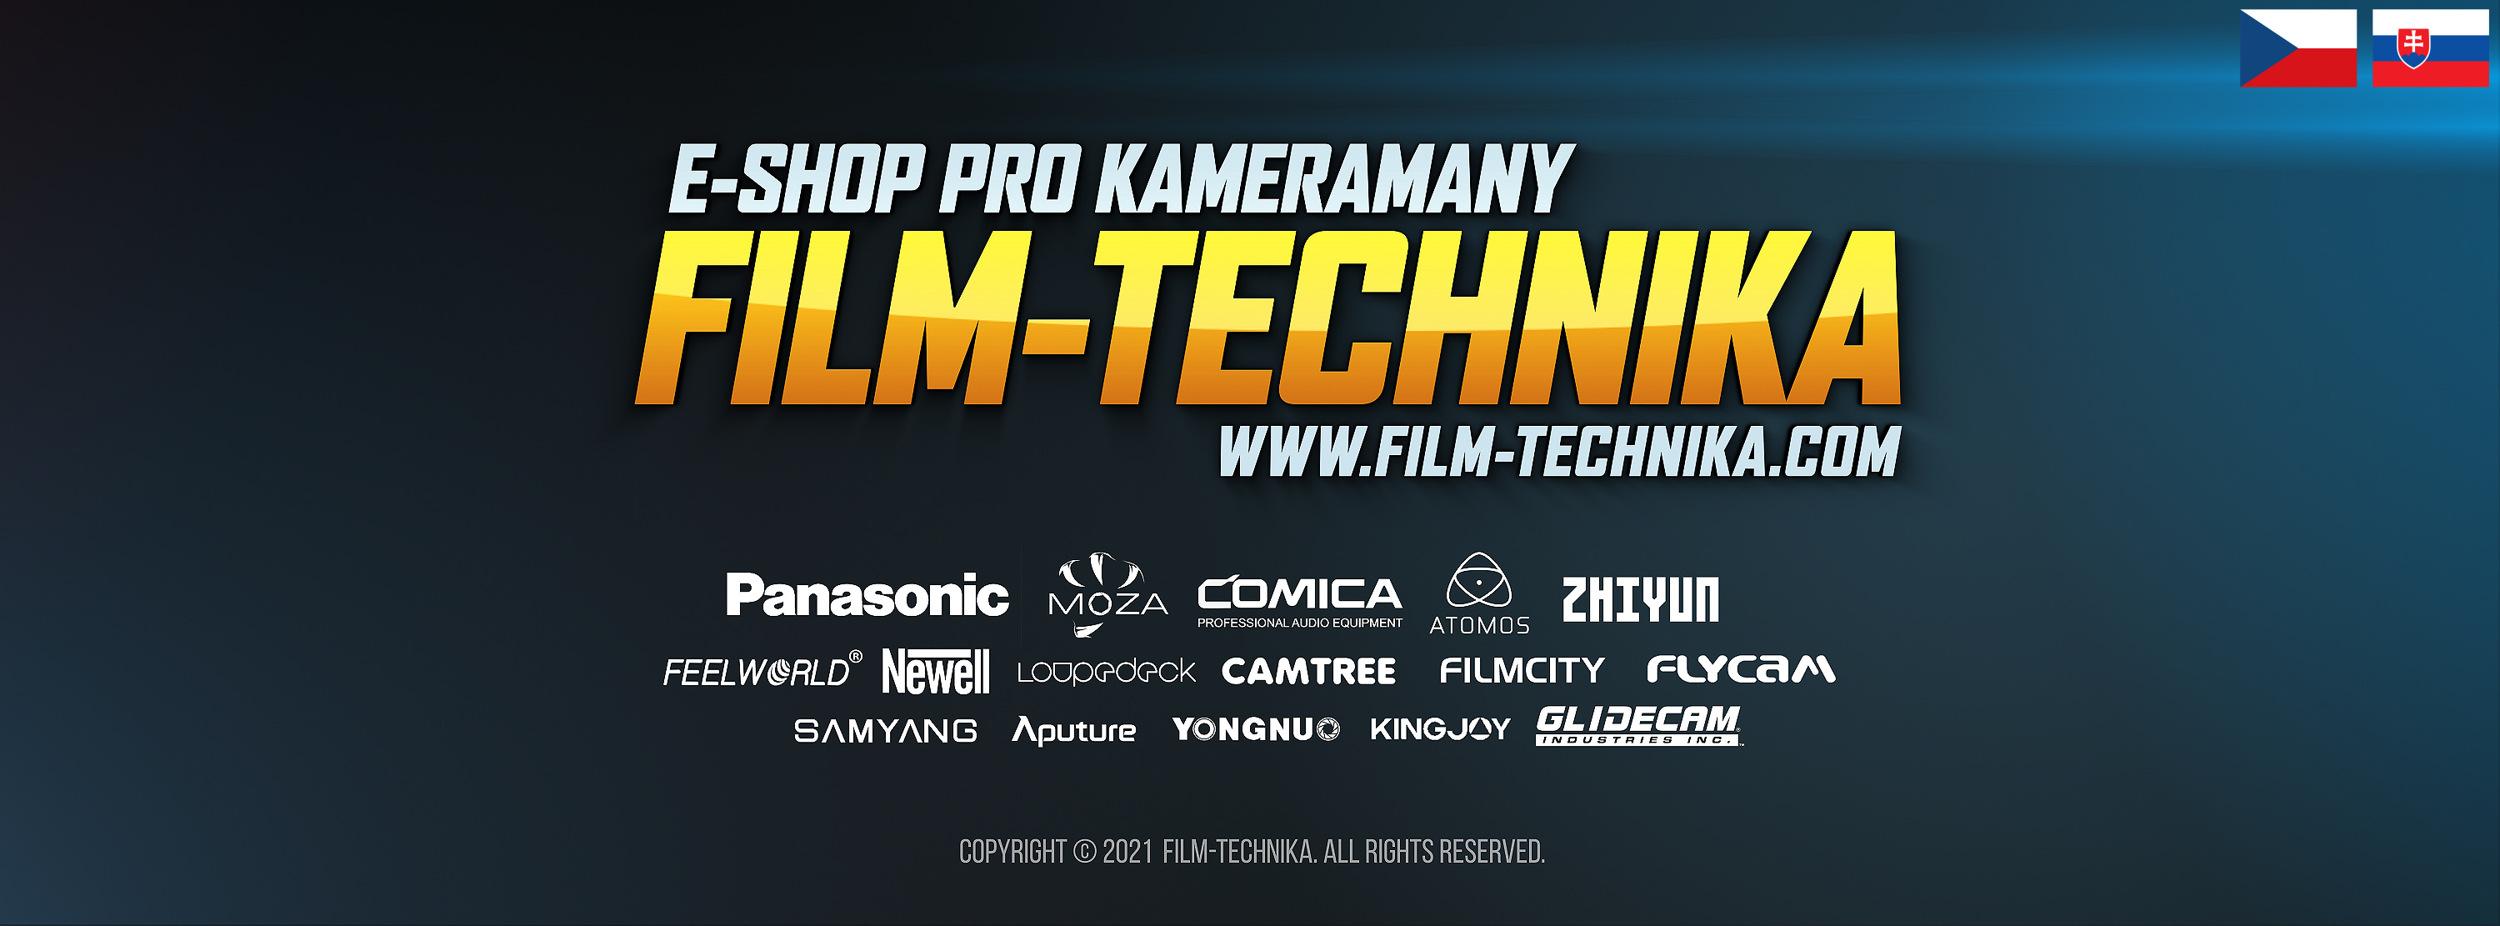 Film-Technika